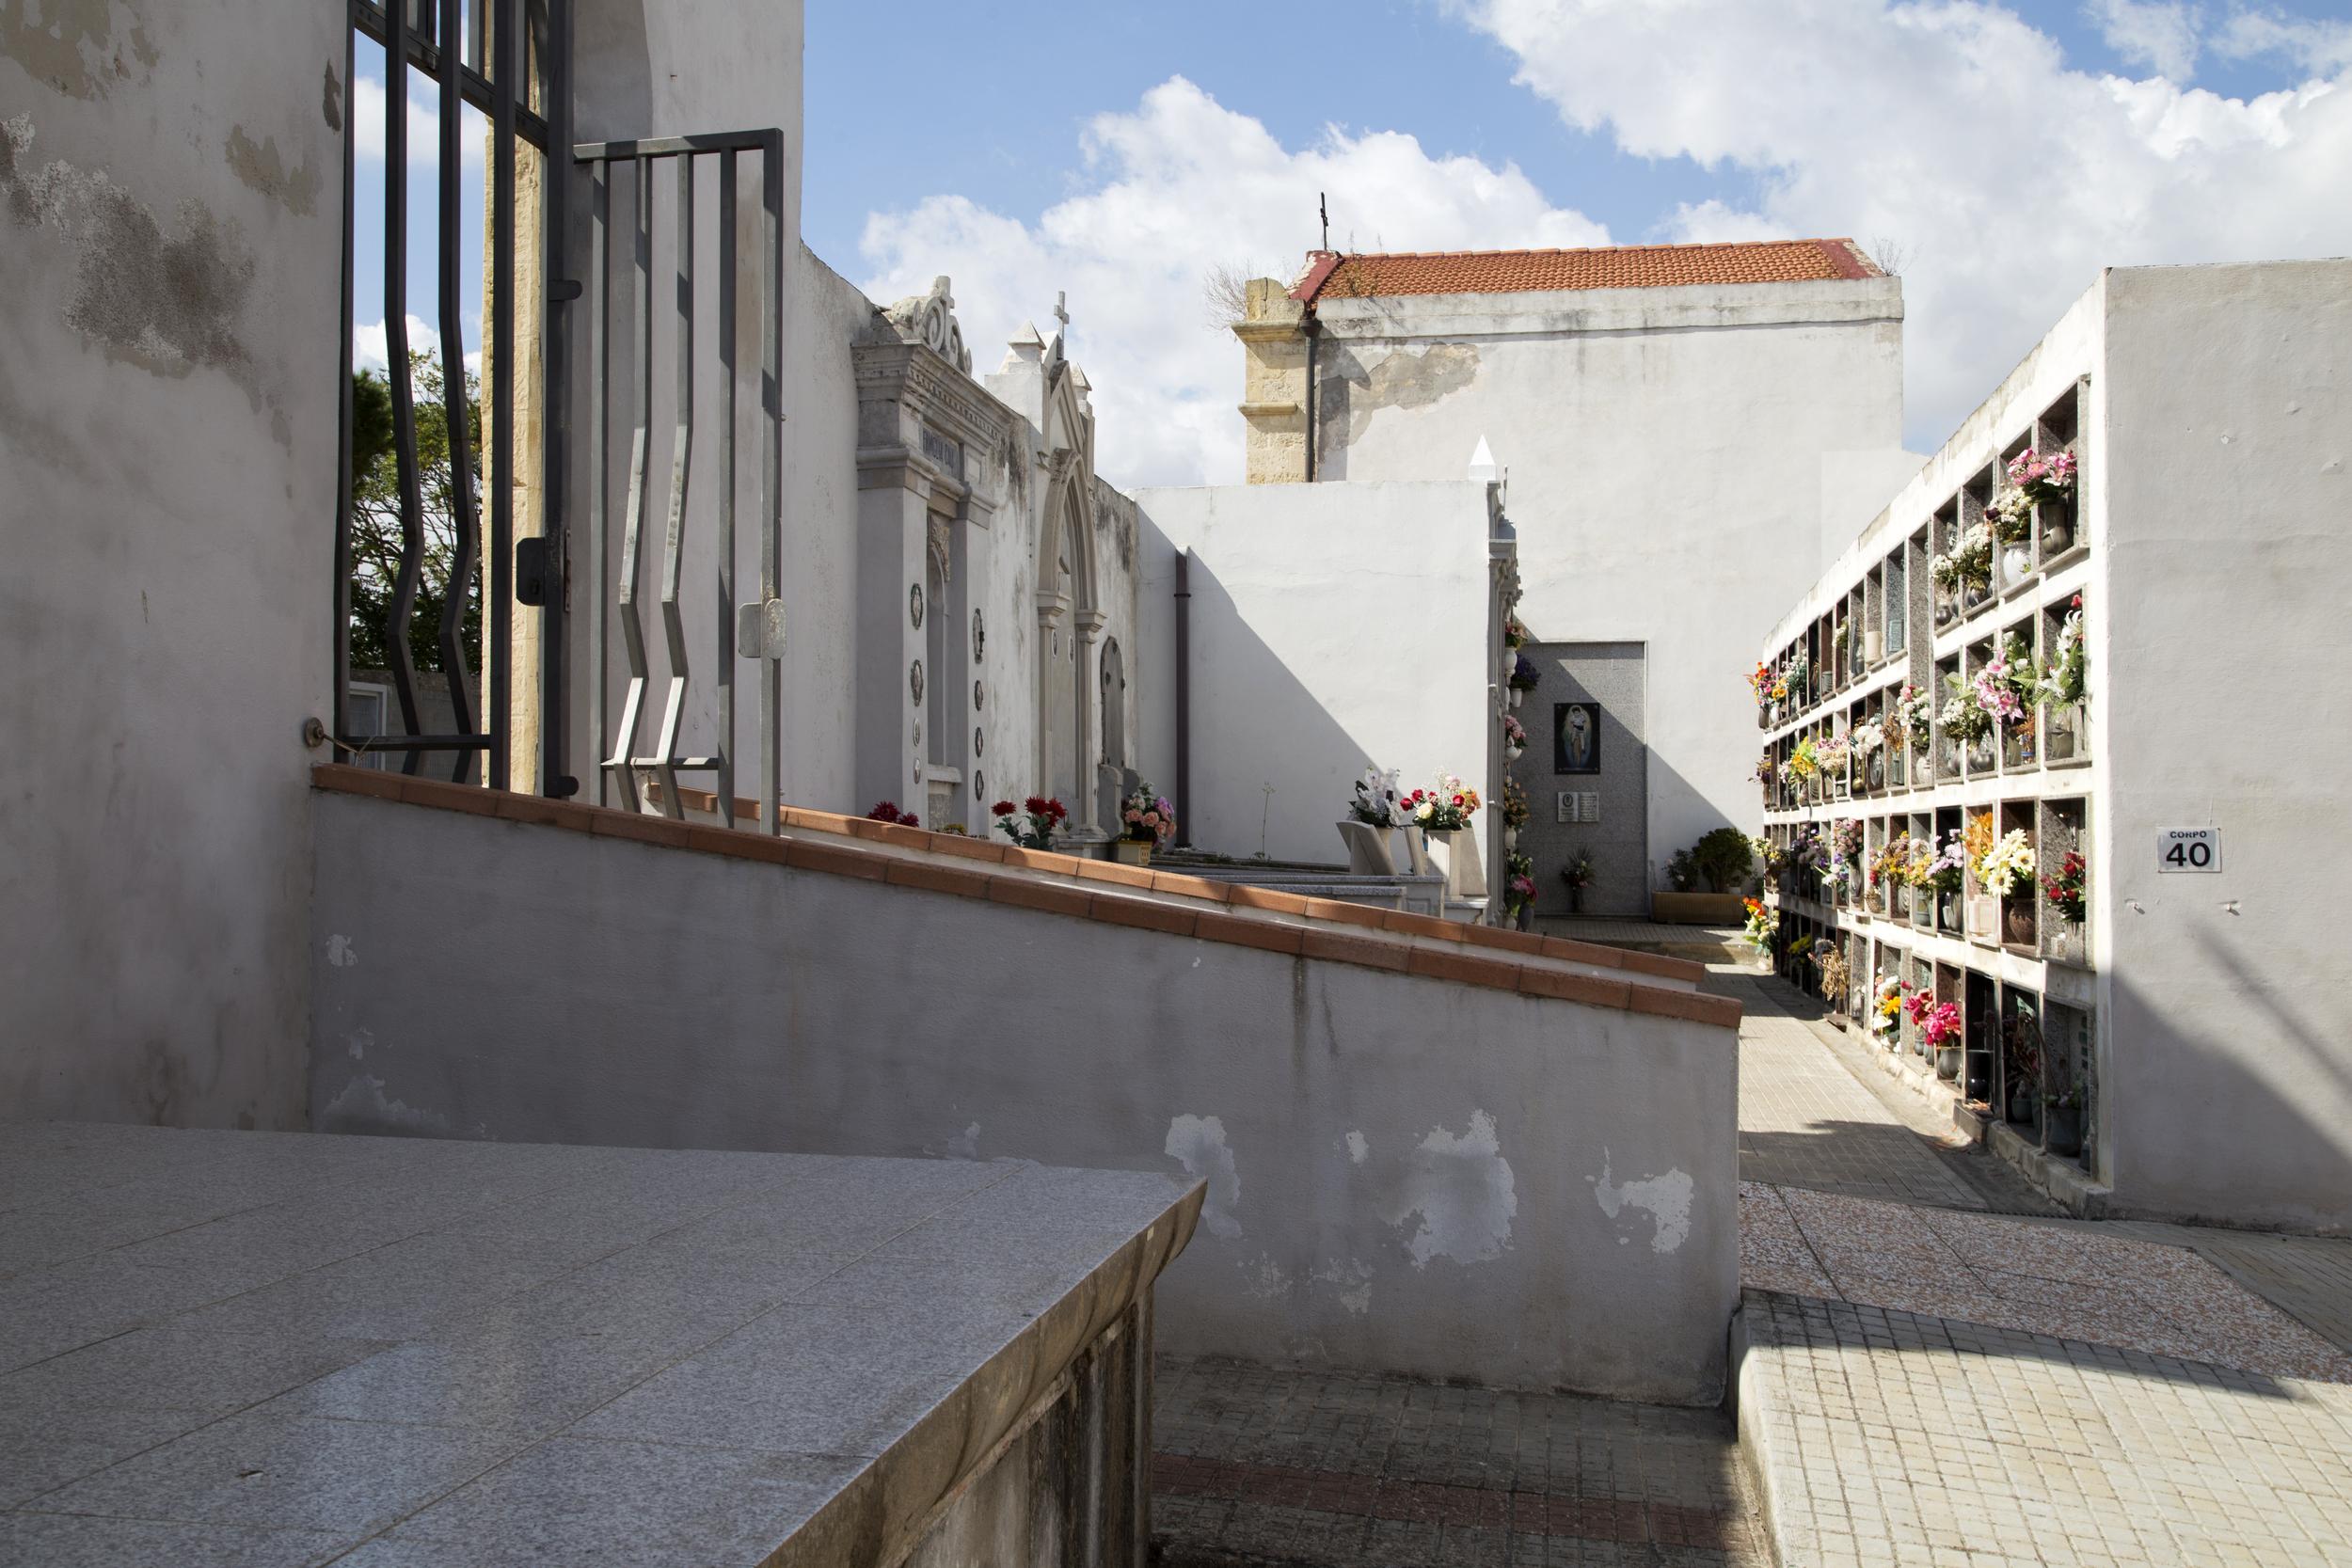 Porto Torres, 2014. Il cimitero di Porto Torres, dichiarato abusivo, è in via di trasferimento perché costruito troppo vicino alle abitazioni (la distanza limite è di 50 m).